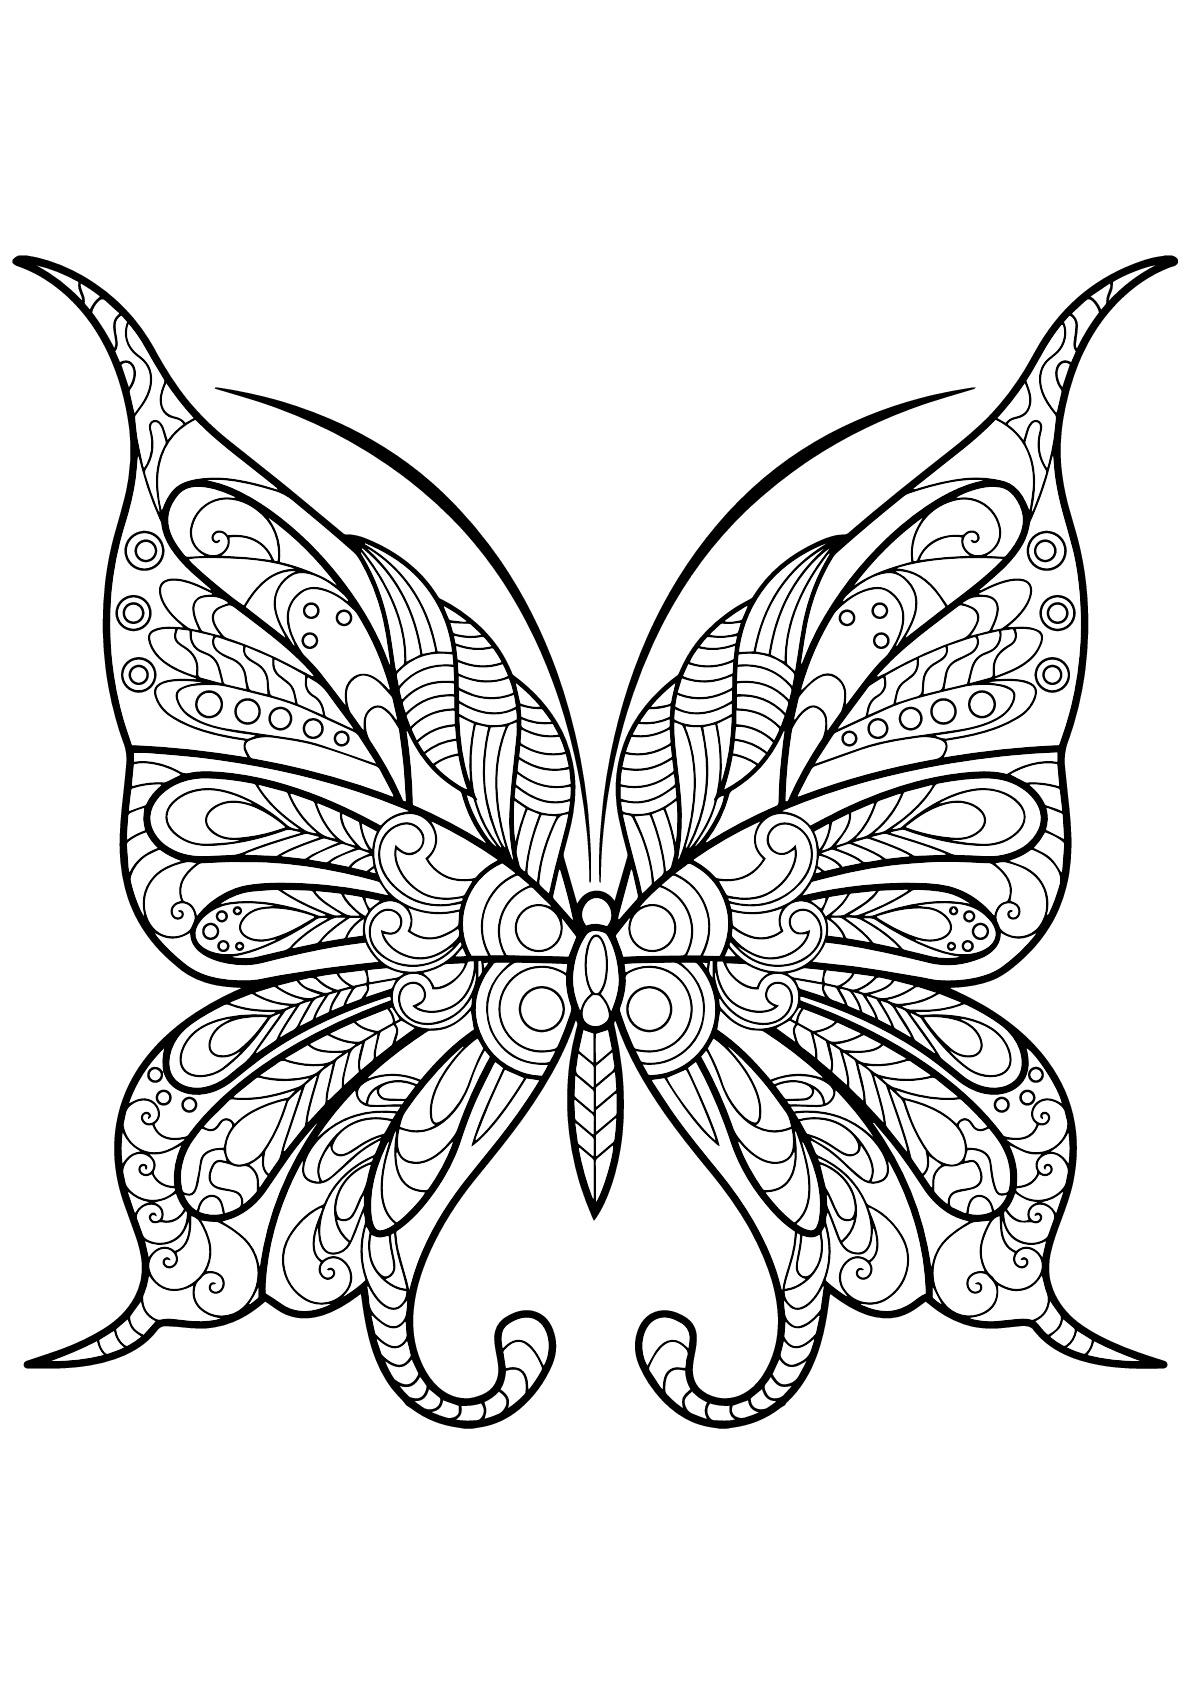 Coloriage De Papillons À Imprimer Gratuitement - Coloriage tout Dessin Papillon À Colorier